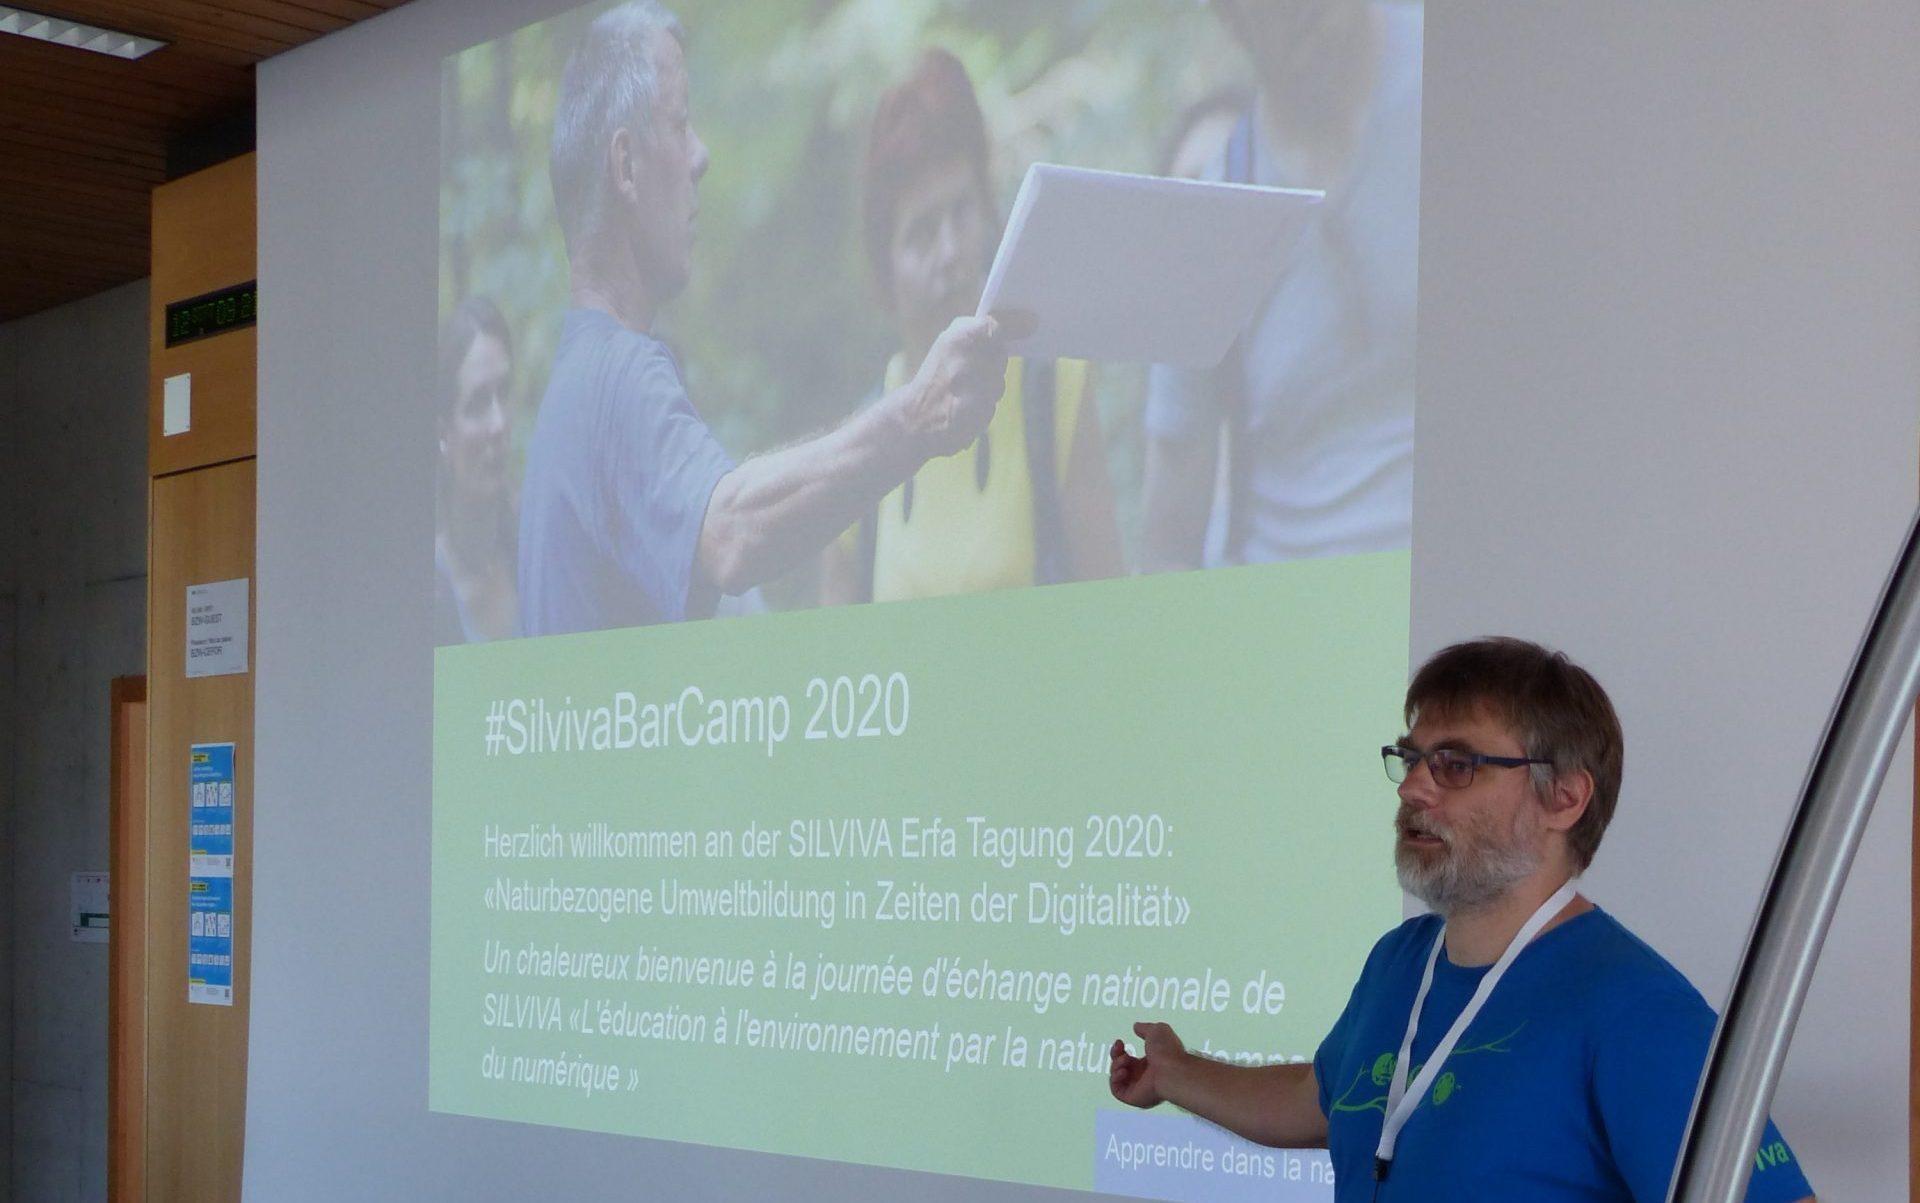 Silviva Barcamp 2020